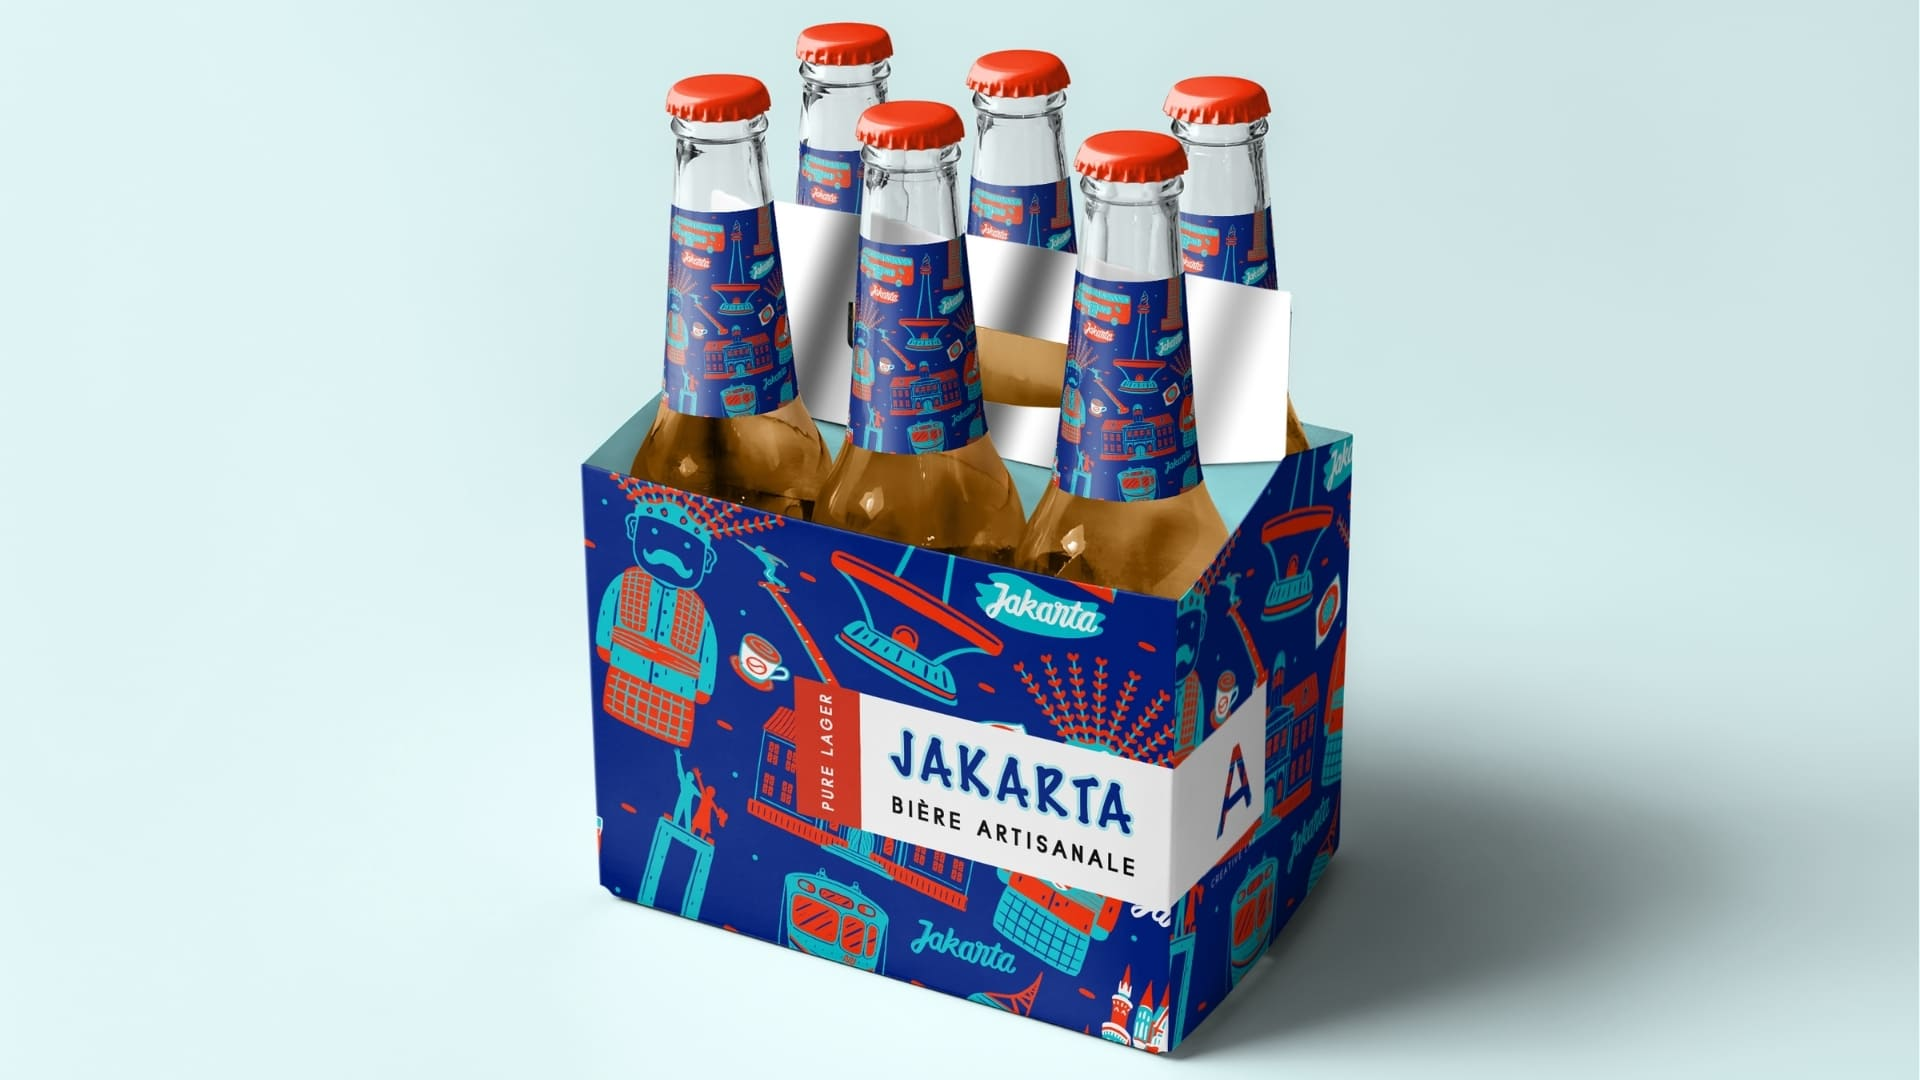 Jakarta beer